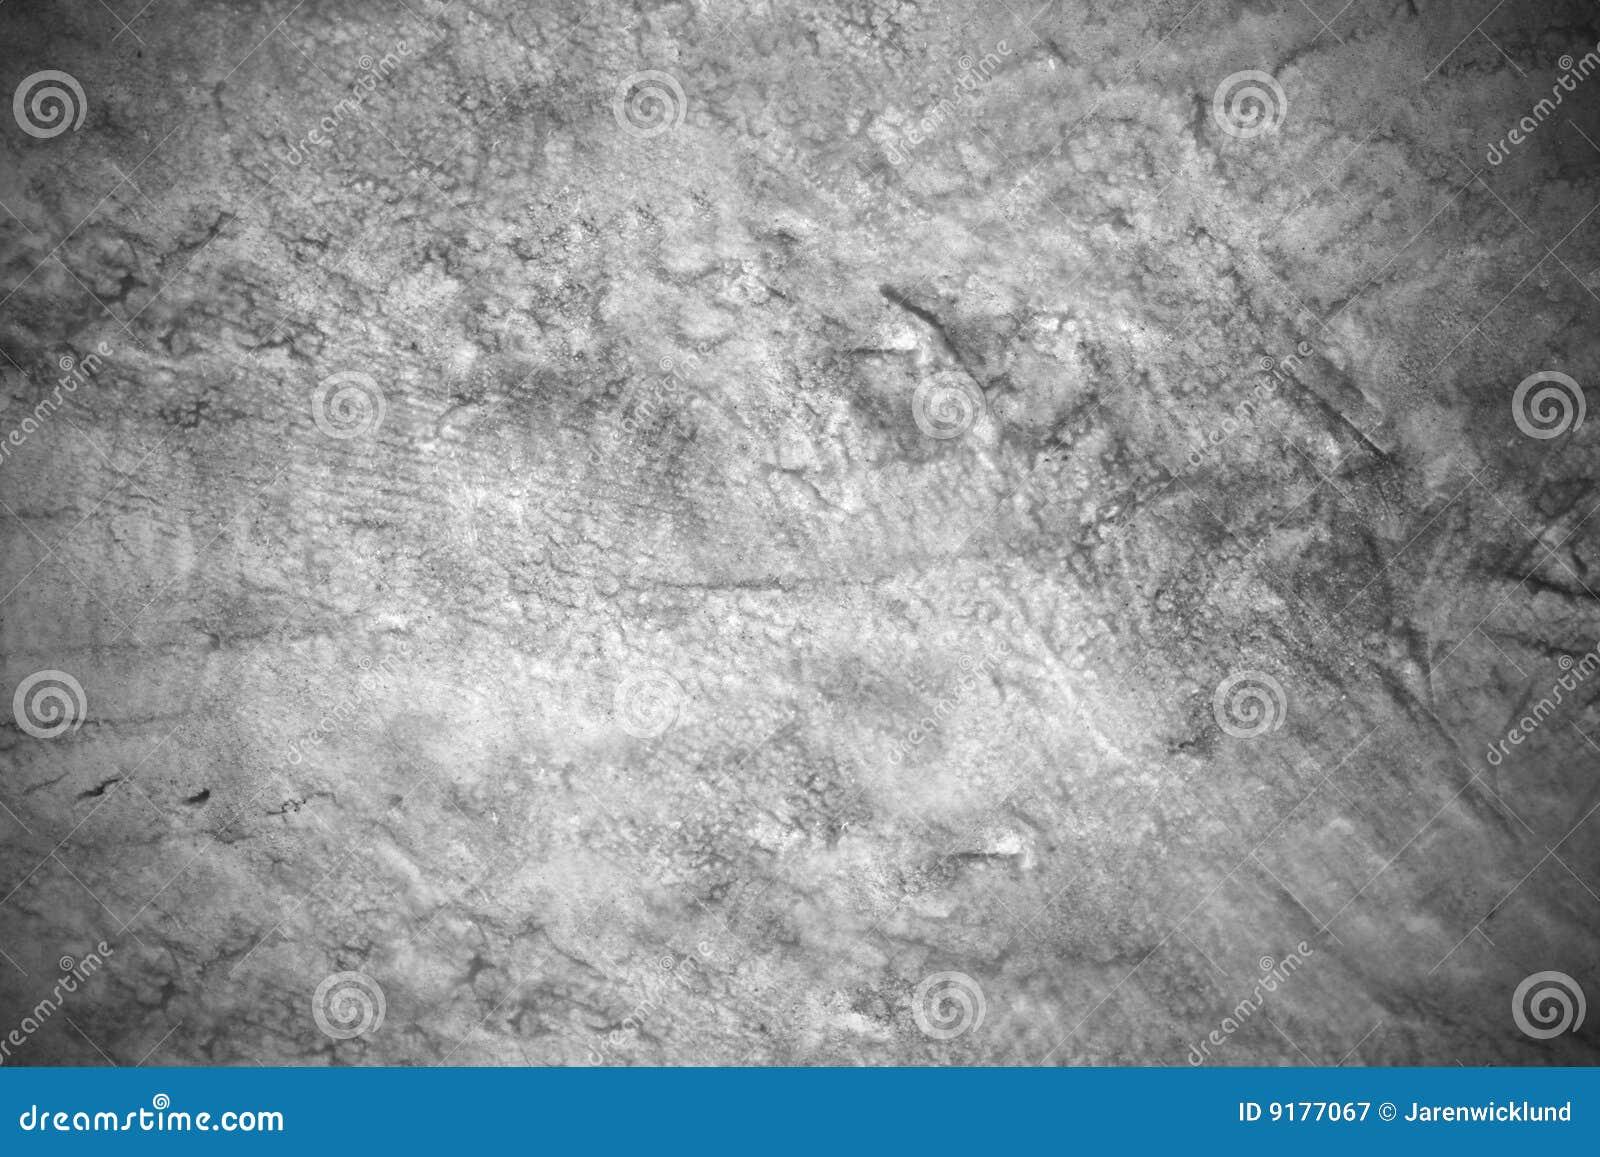 texture en pierre noire et blanche photographie stock libre de droits image 9177067. Black Bedroom Furniture Sets. Home Design Ideas